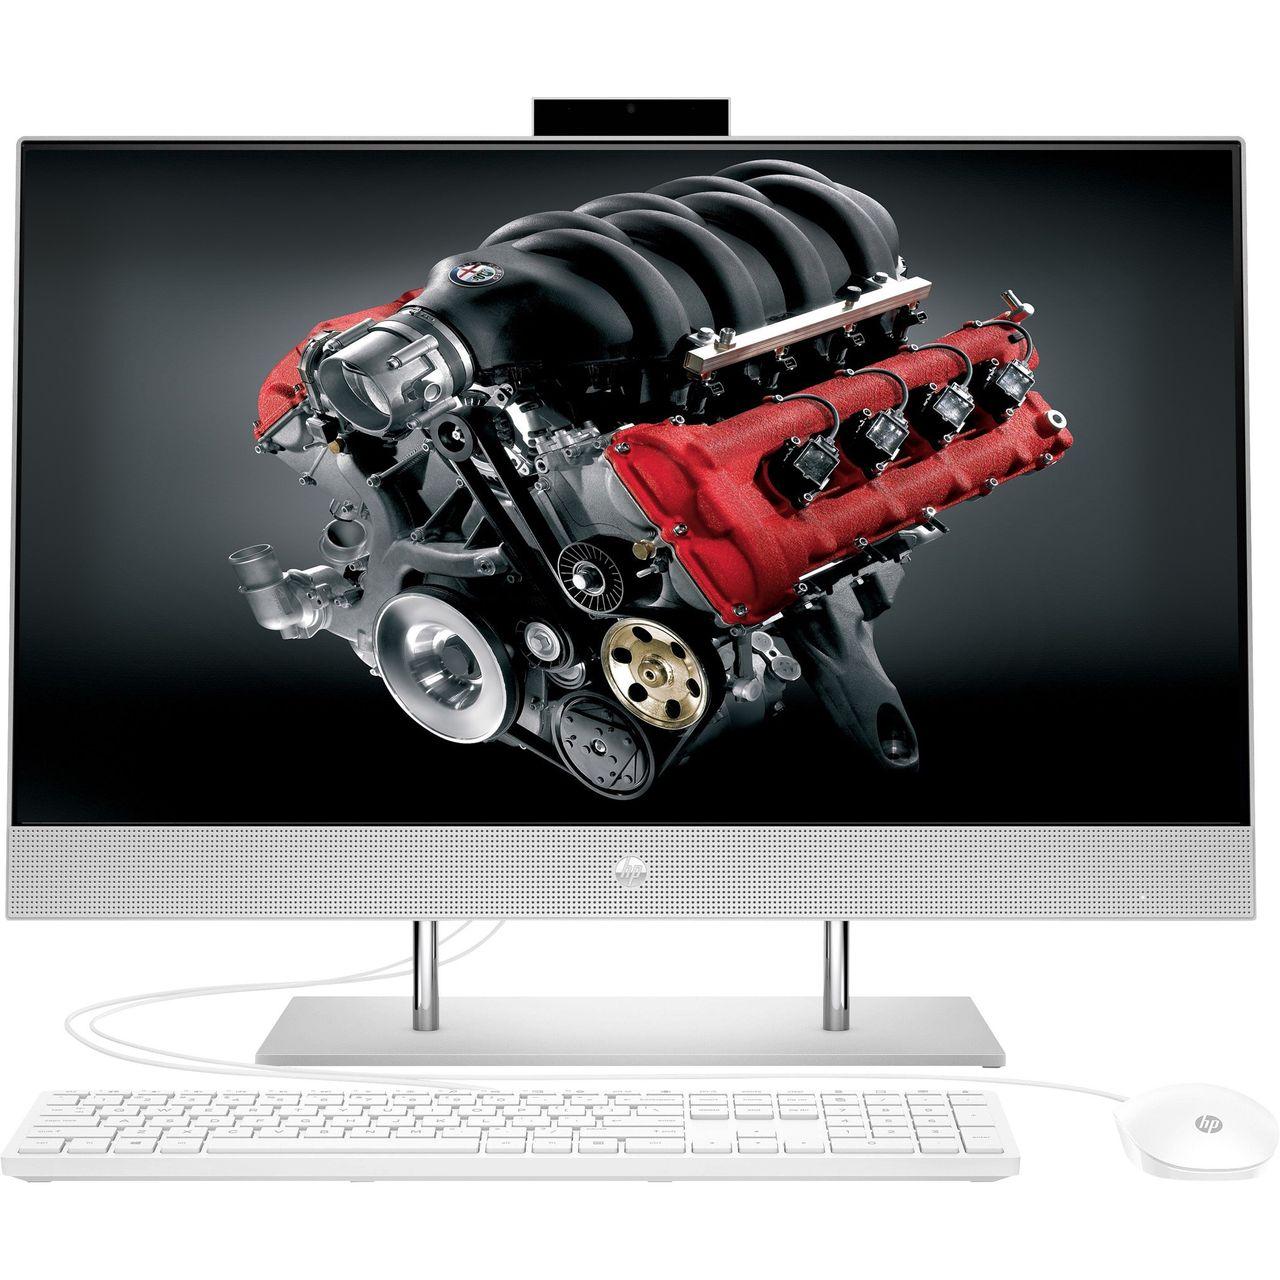 کامپیوتر همه کاره 27 اینچی اچپی مدل Pavilion 27 DP1000nh-B